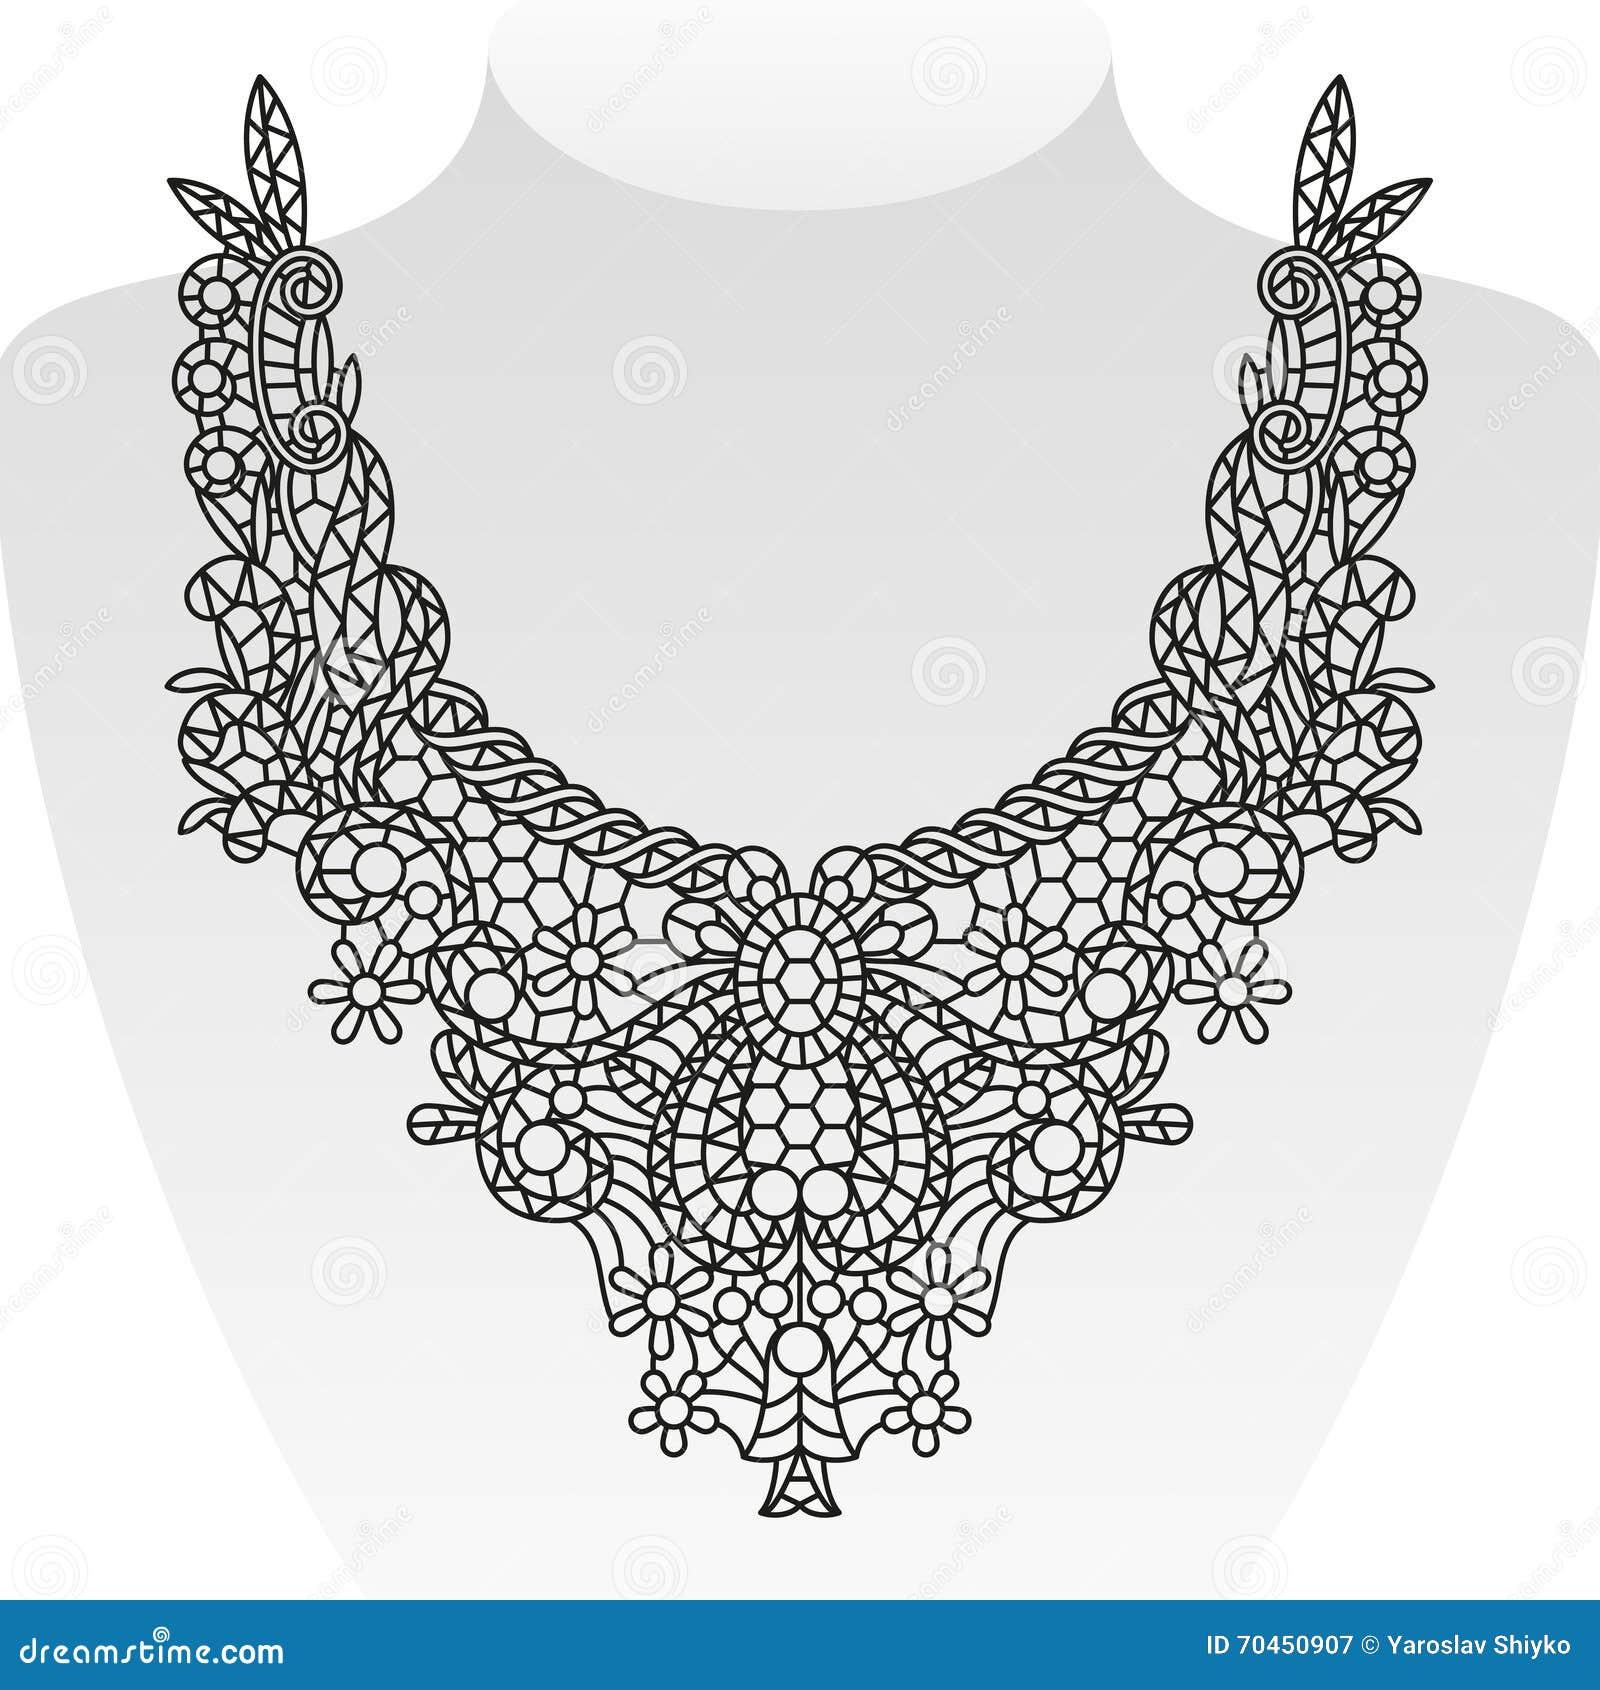 Wedding Card Design Line Art : Progettazione decorata del collo illustrazione di vettore